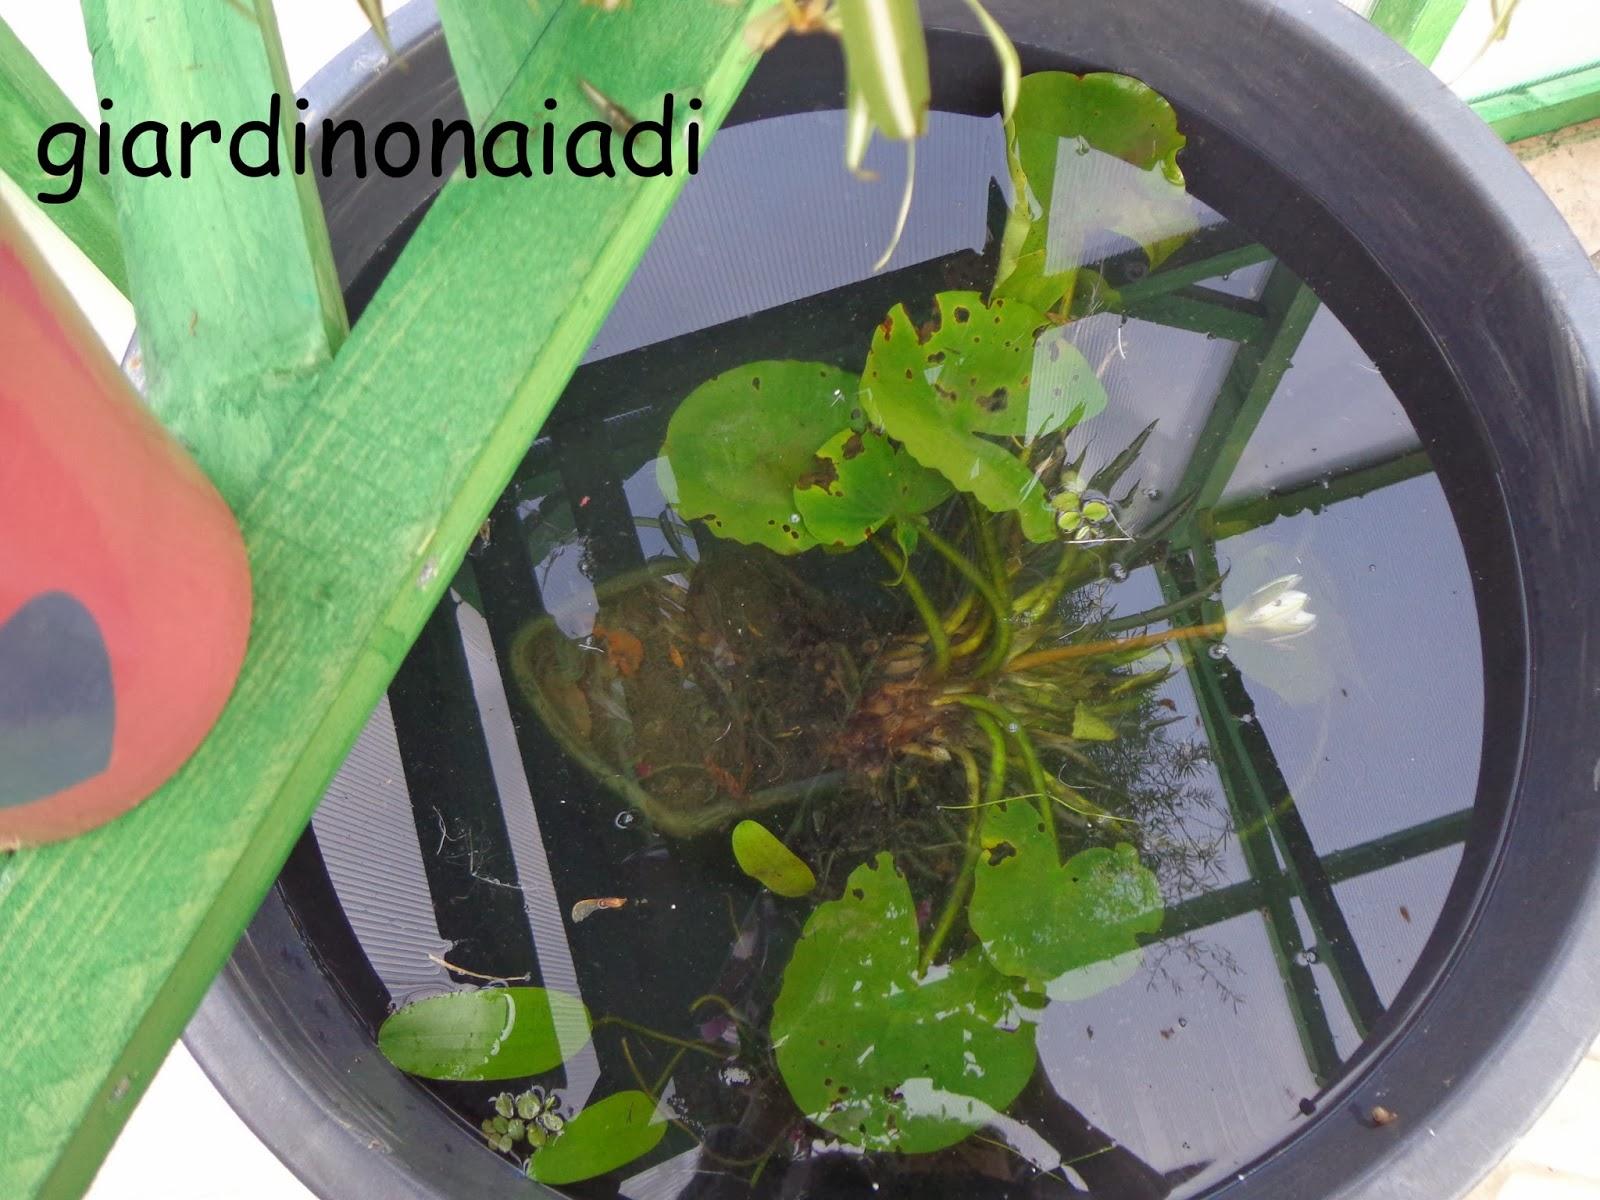 Il giardino delle naiadi uno specchio d 39 acqua al coperto for Vasche preformate per laghetto